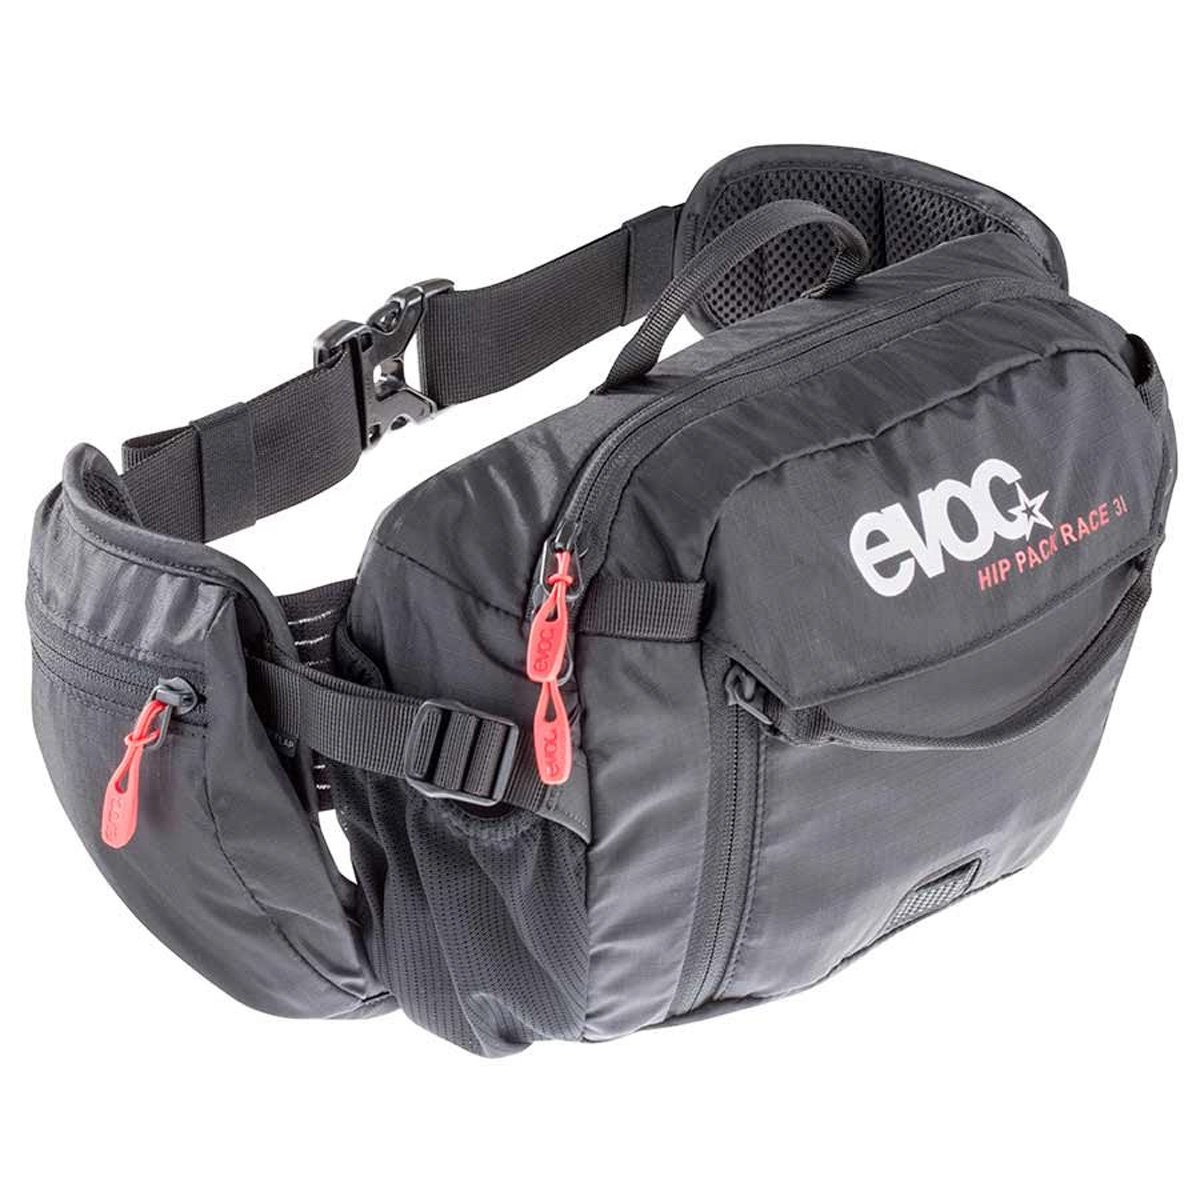 Evoc hip pack race 3l mit trinkblase fahrradrucksack bike rucksack neu